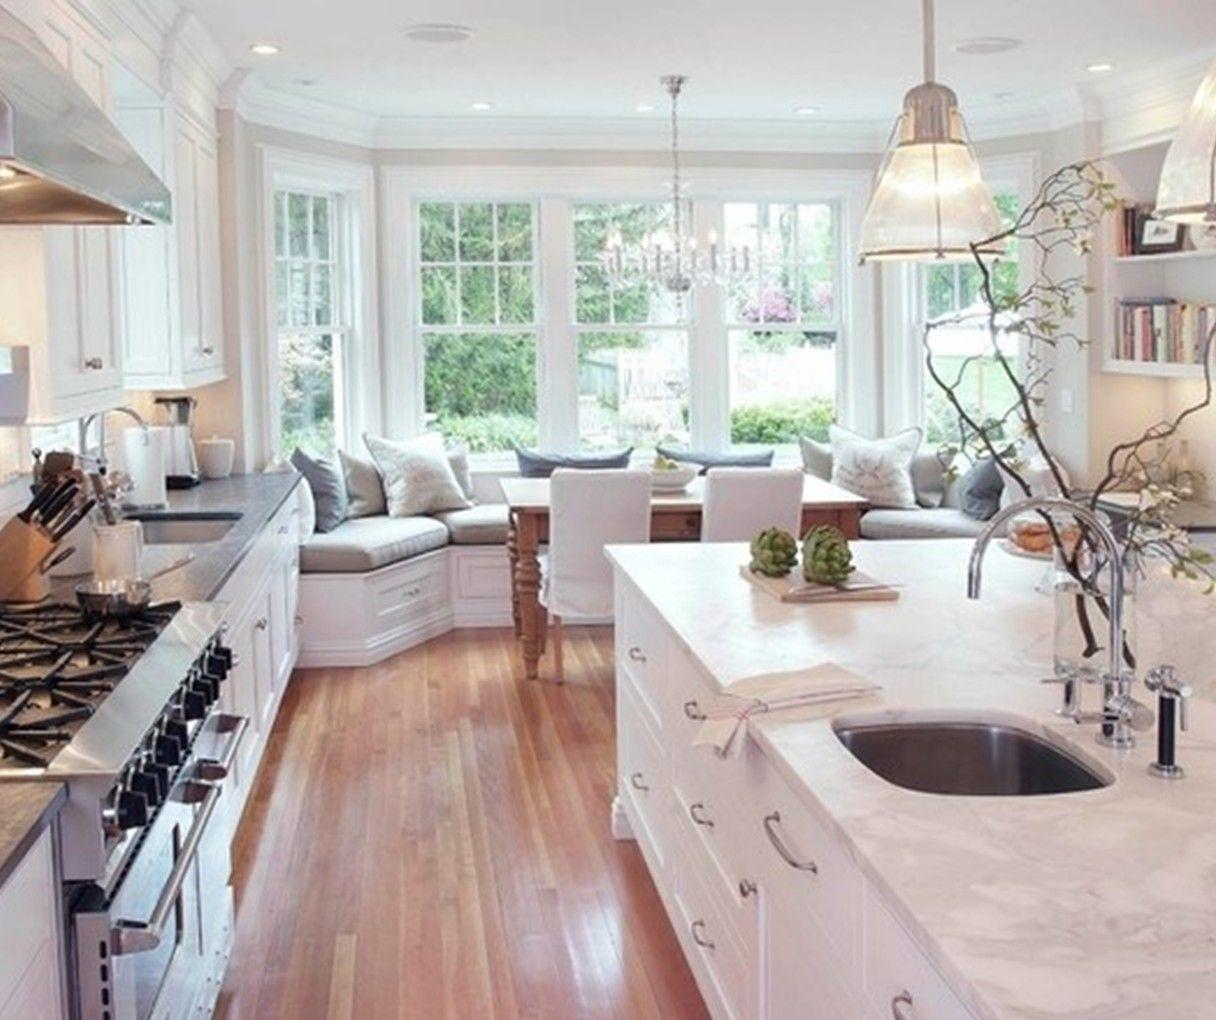 White kitchen, wood floor, marble sink counter, wide windows